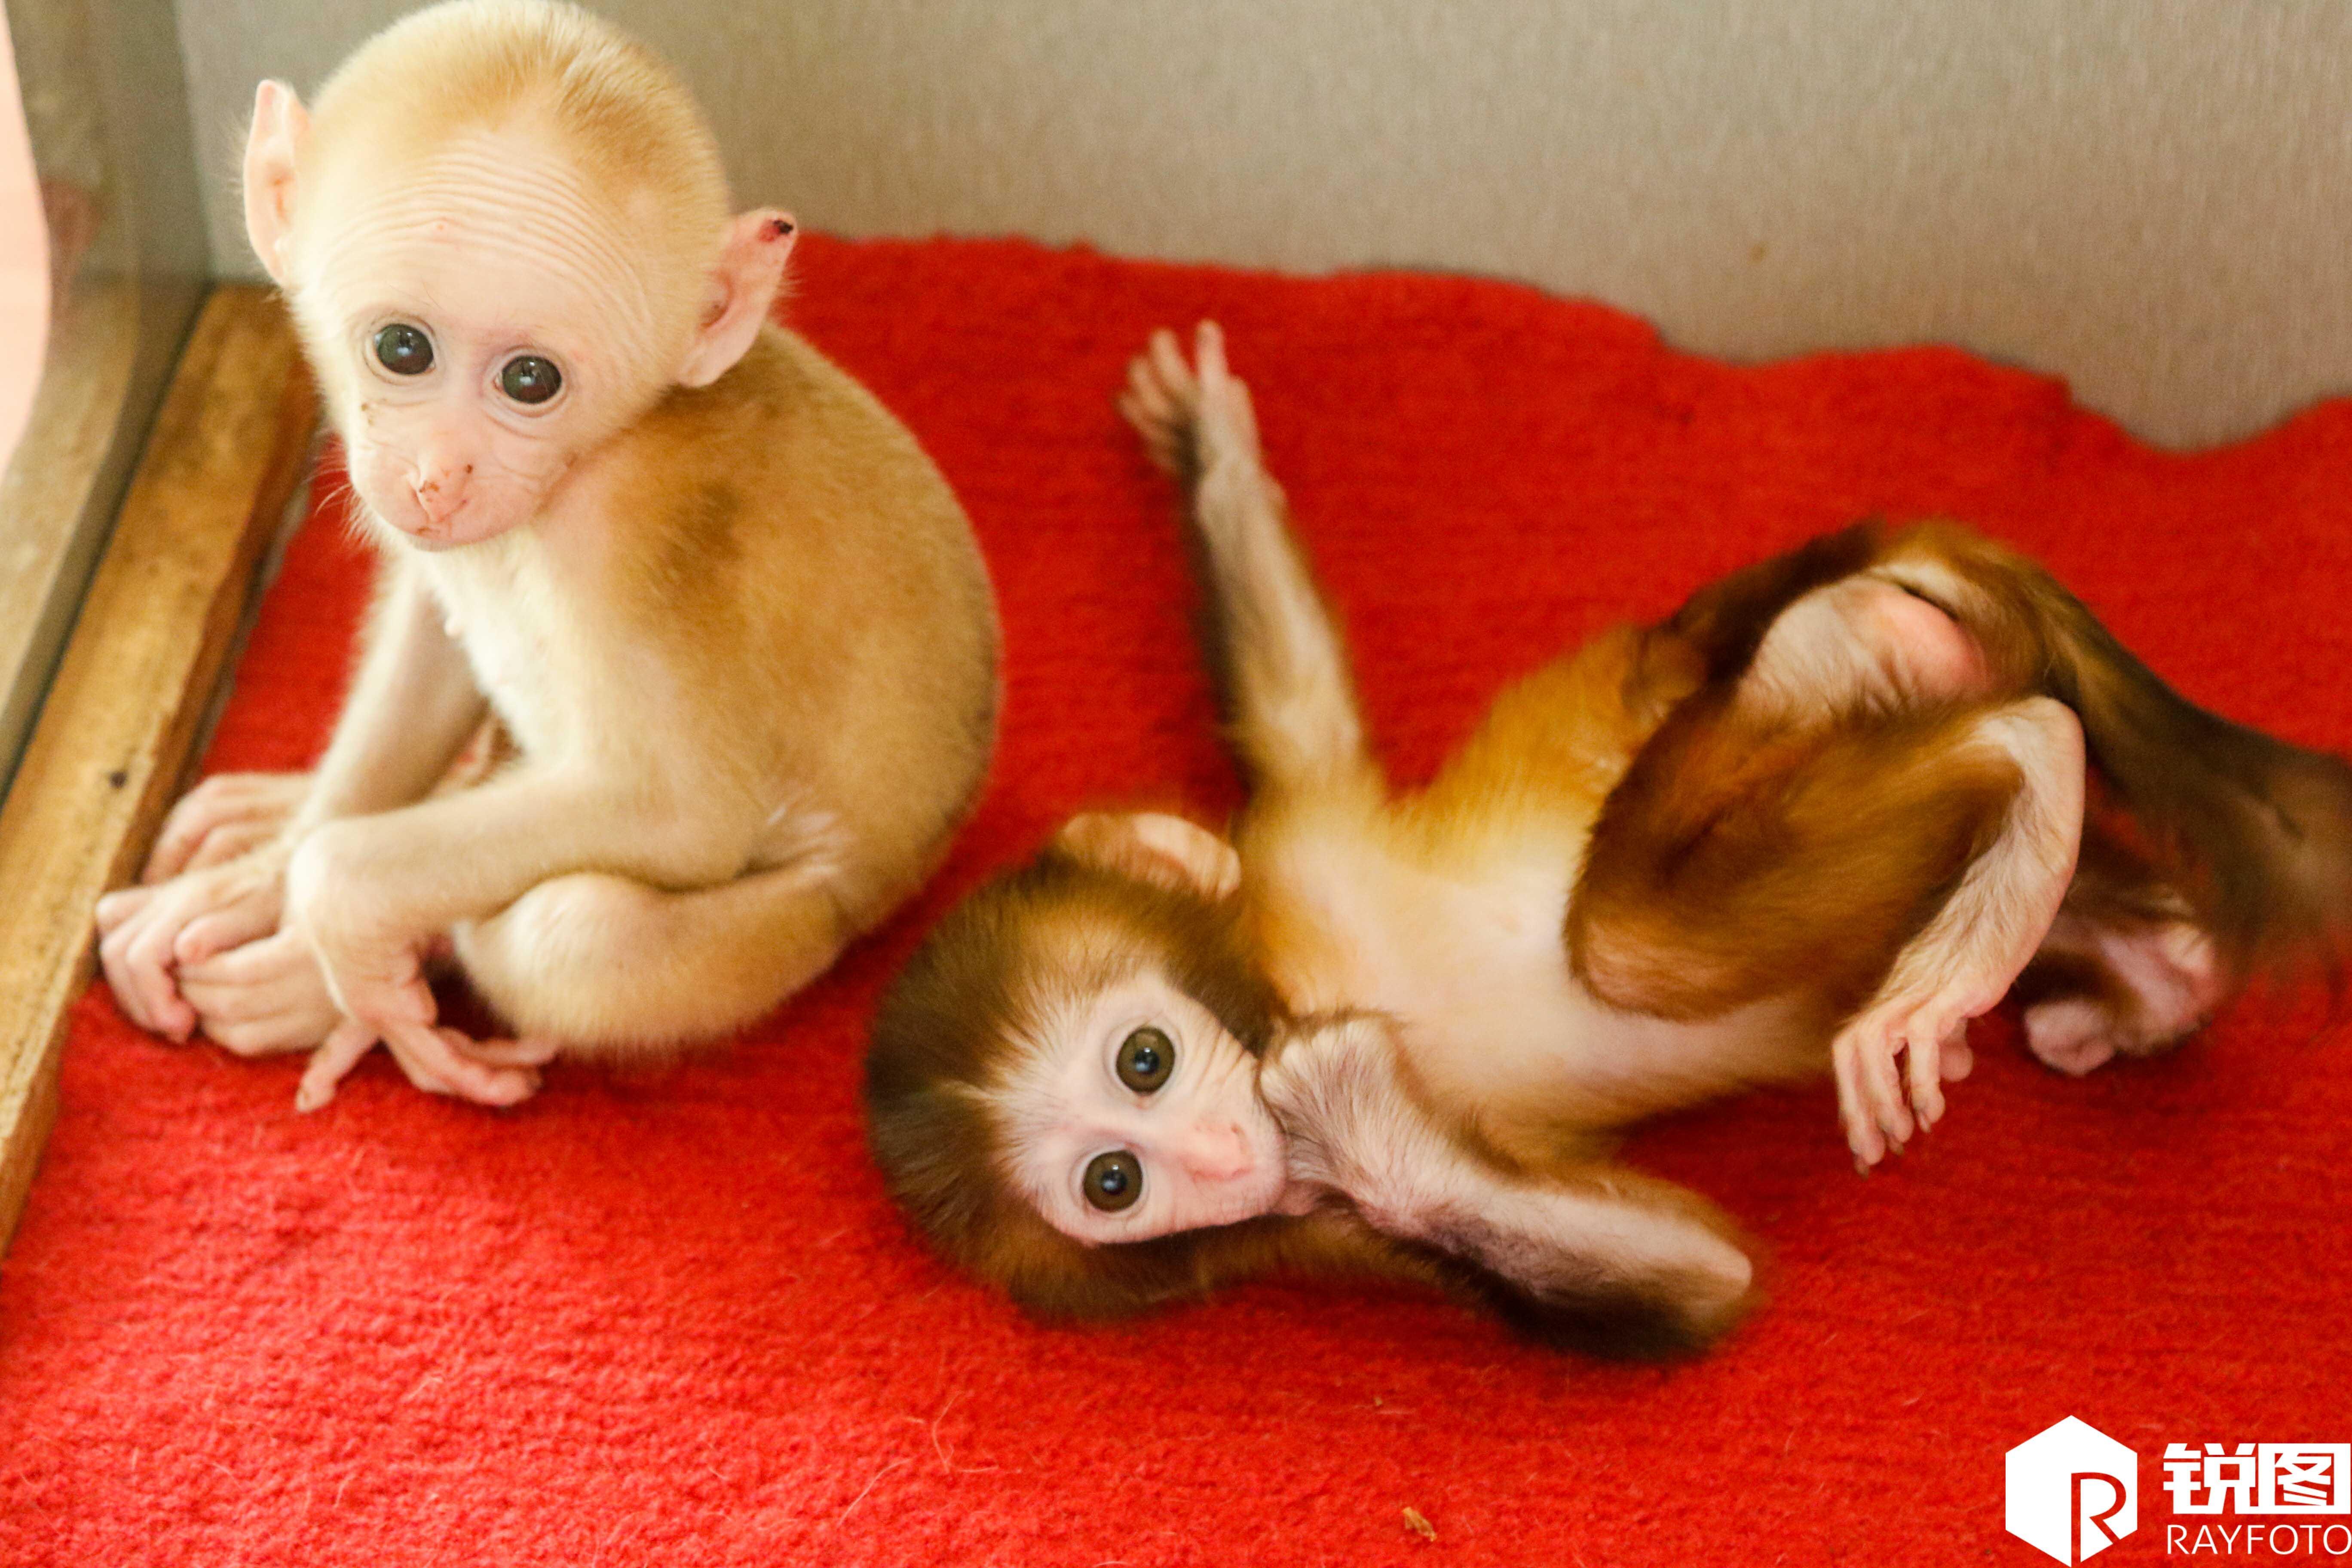 浙江市民路边捡到小猴子 竟是国家二级野生保护动物